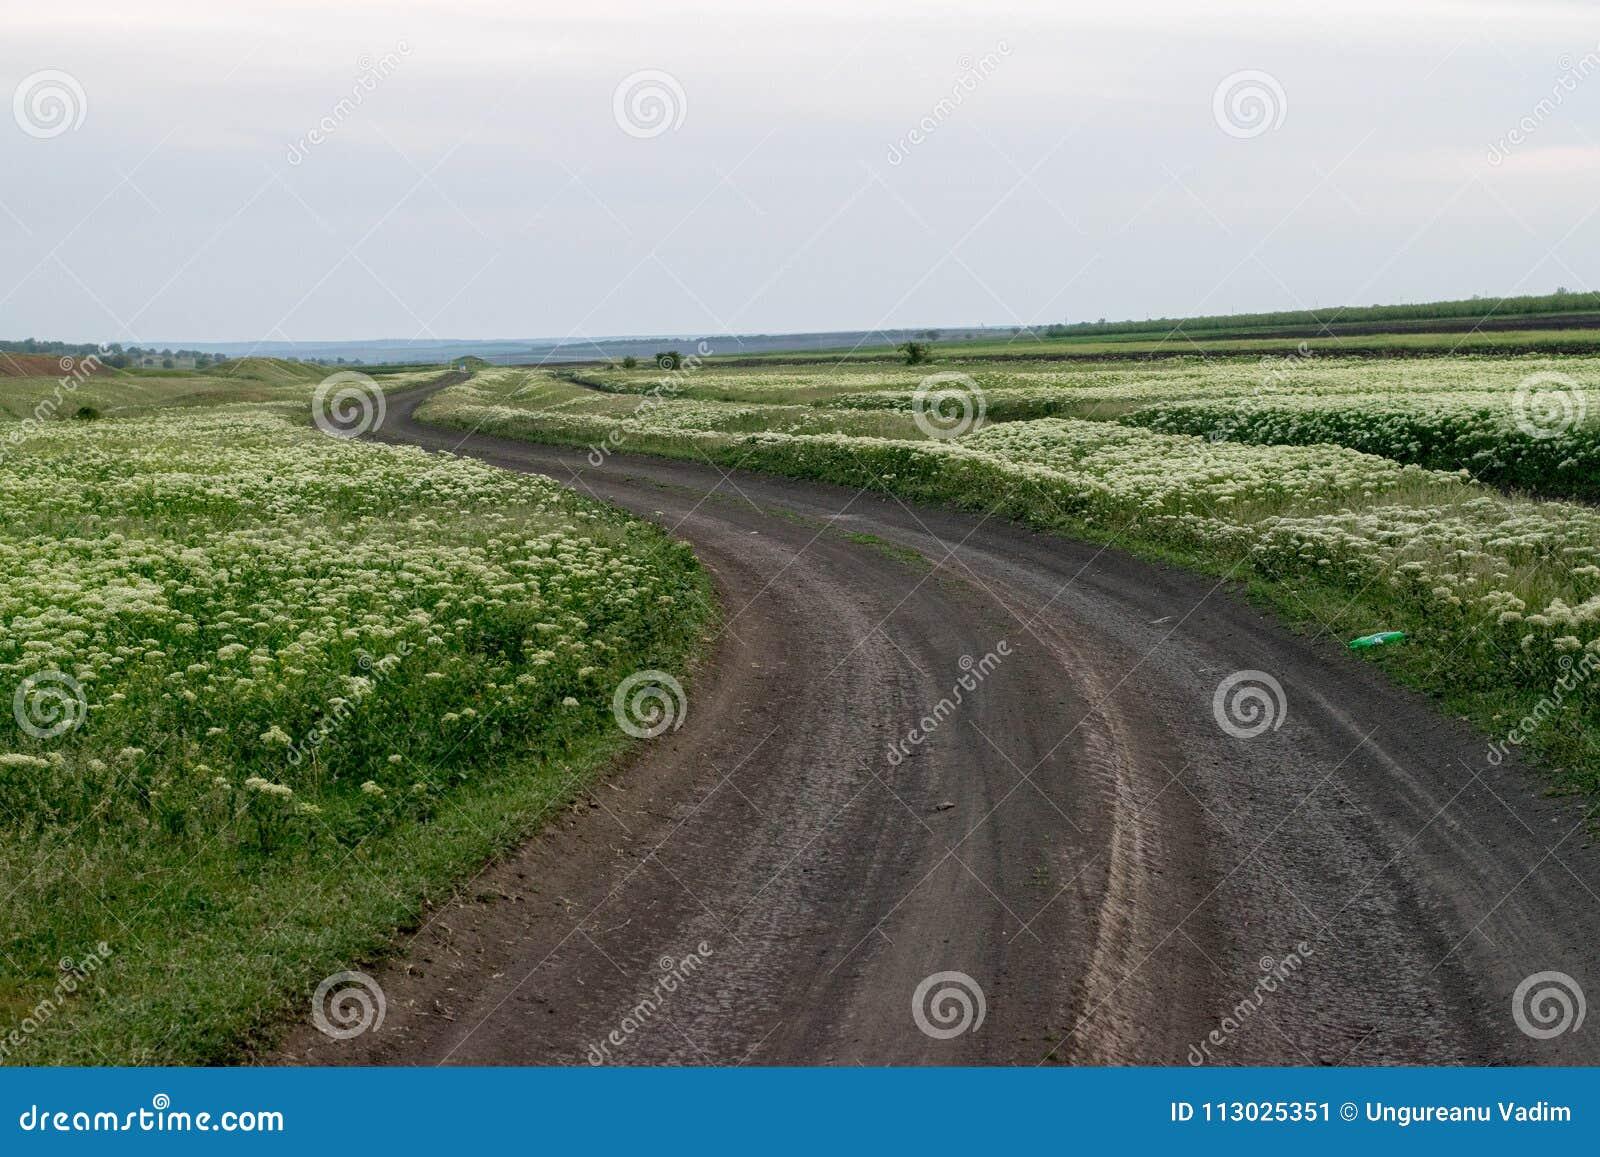 Un campo de flores con un camino en el centro